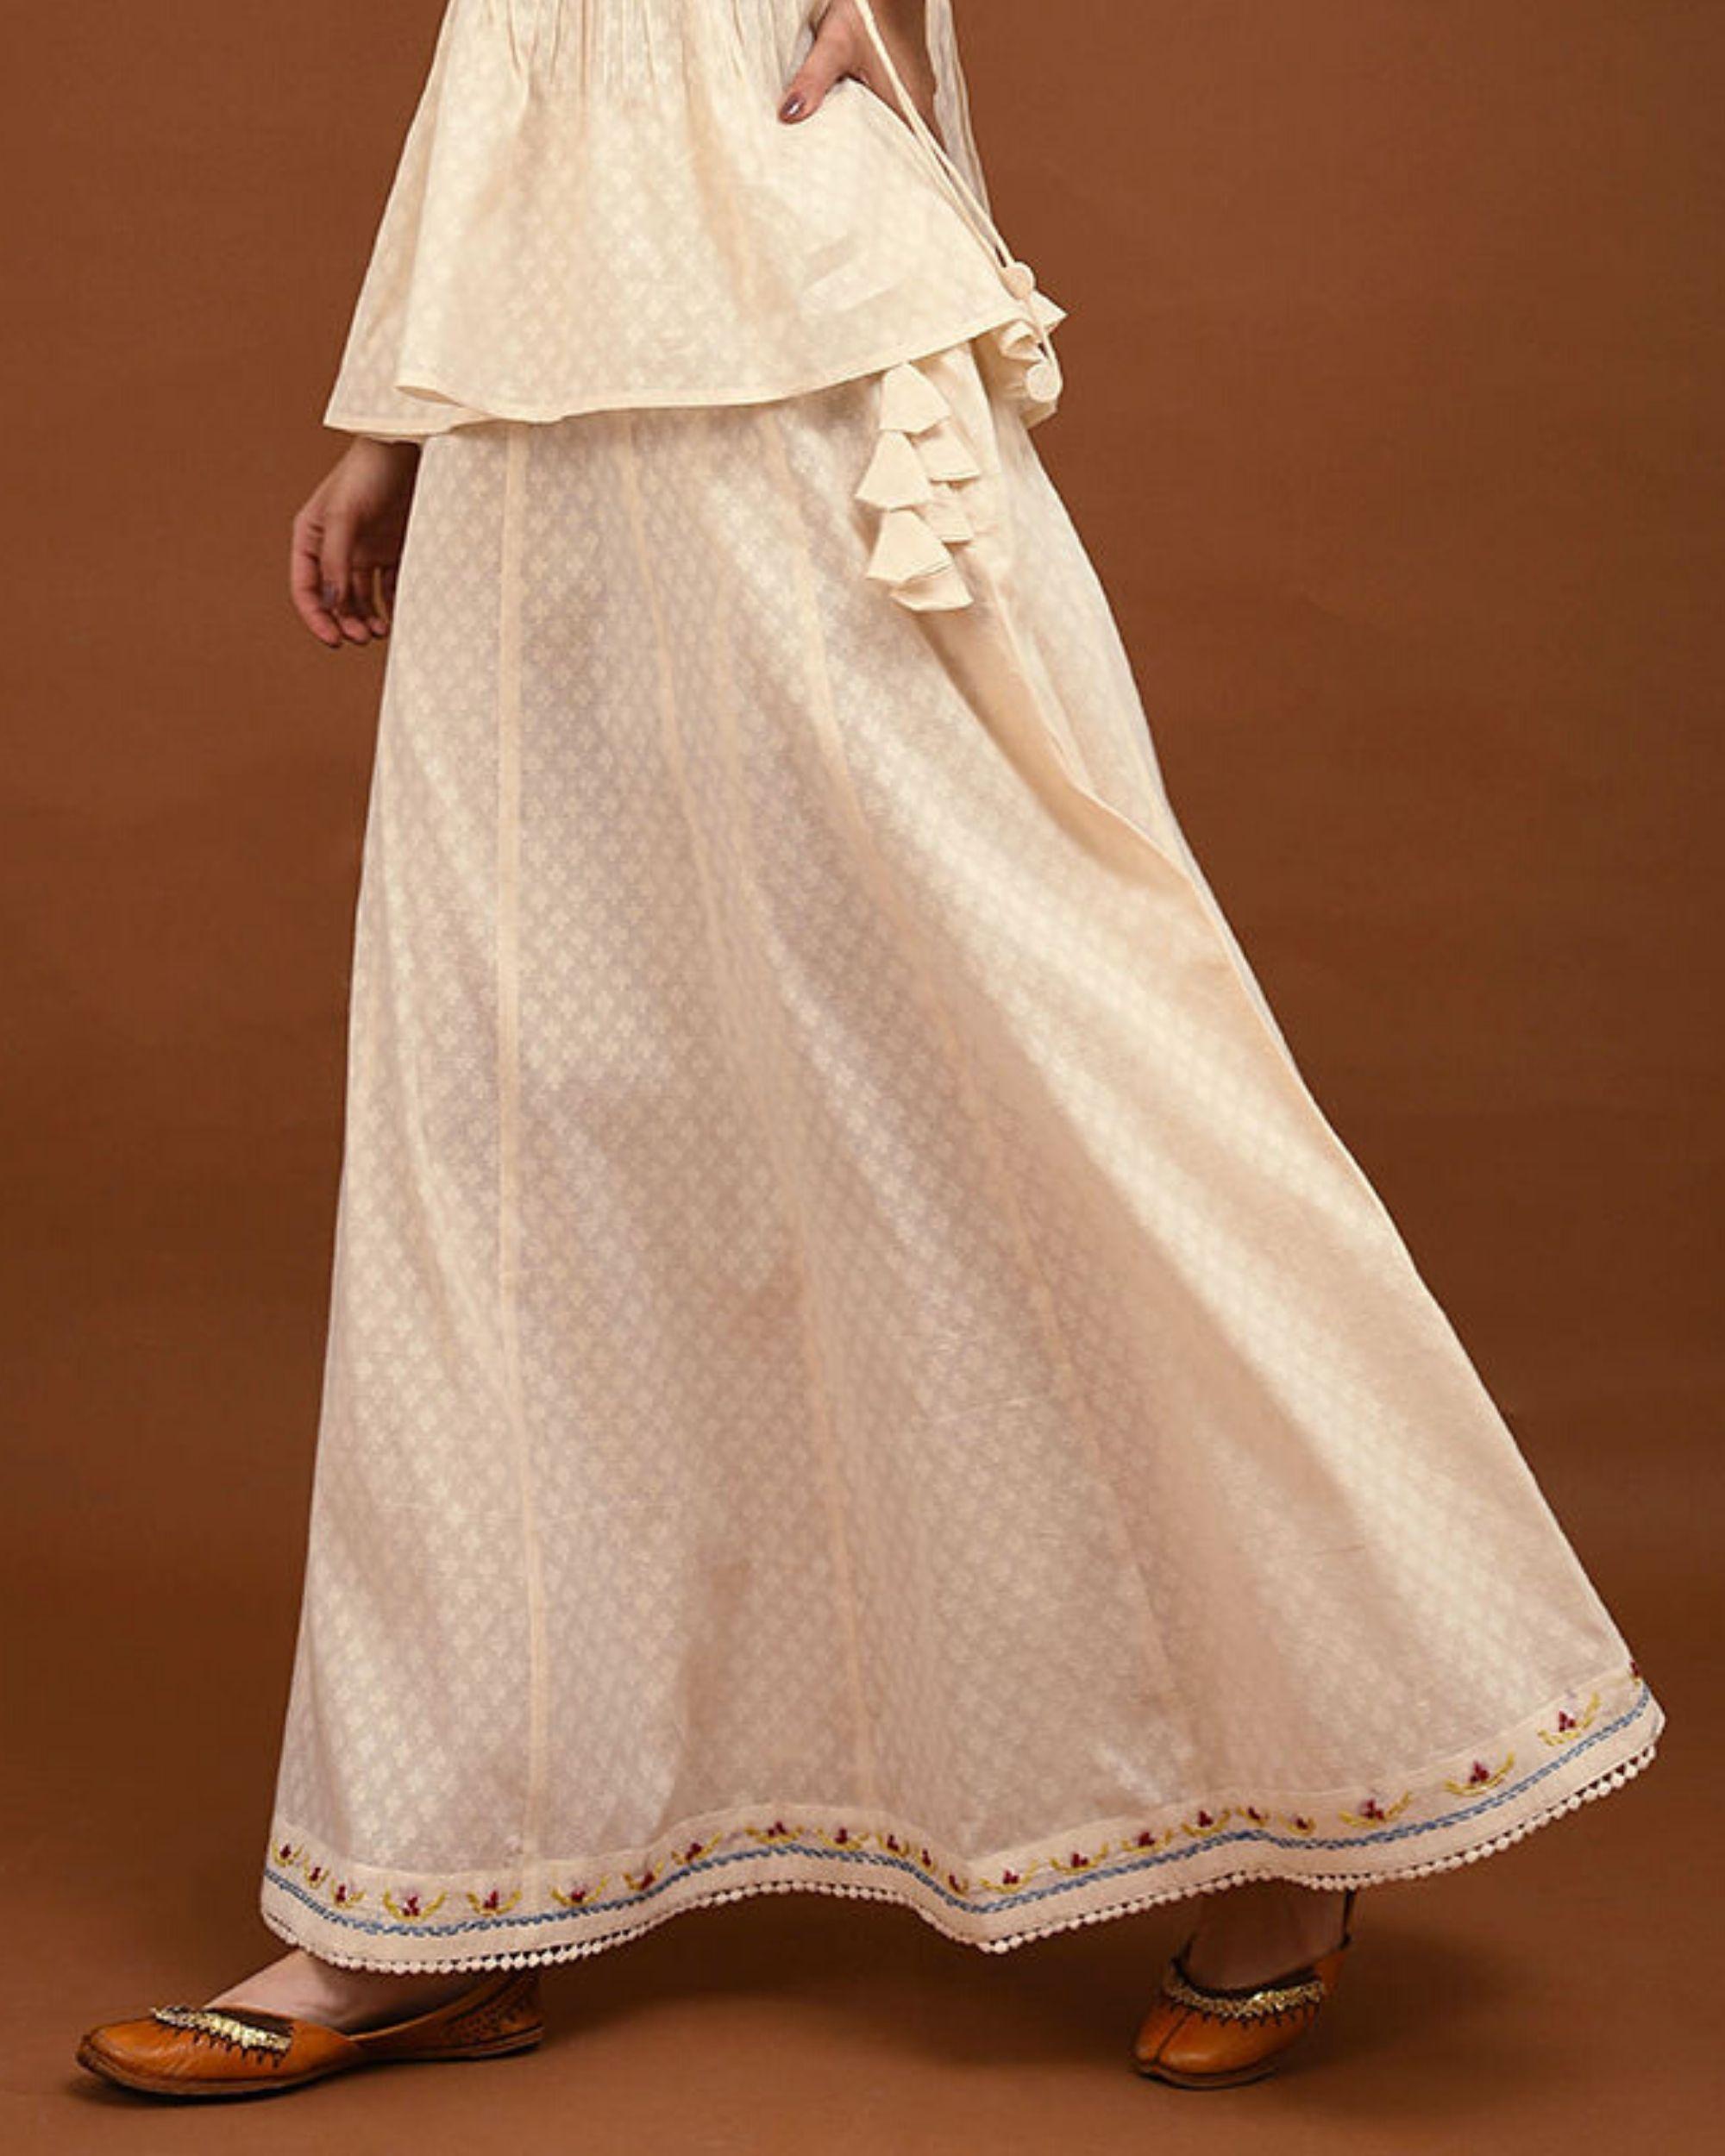 Off white paneled skirt